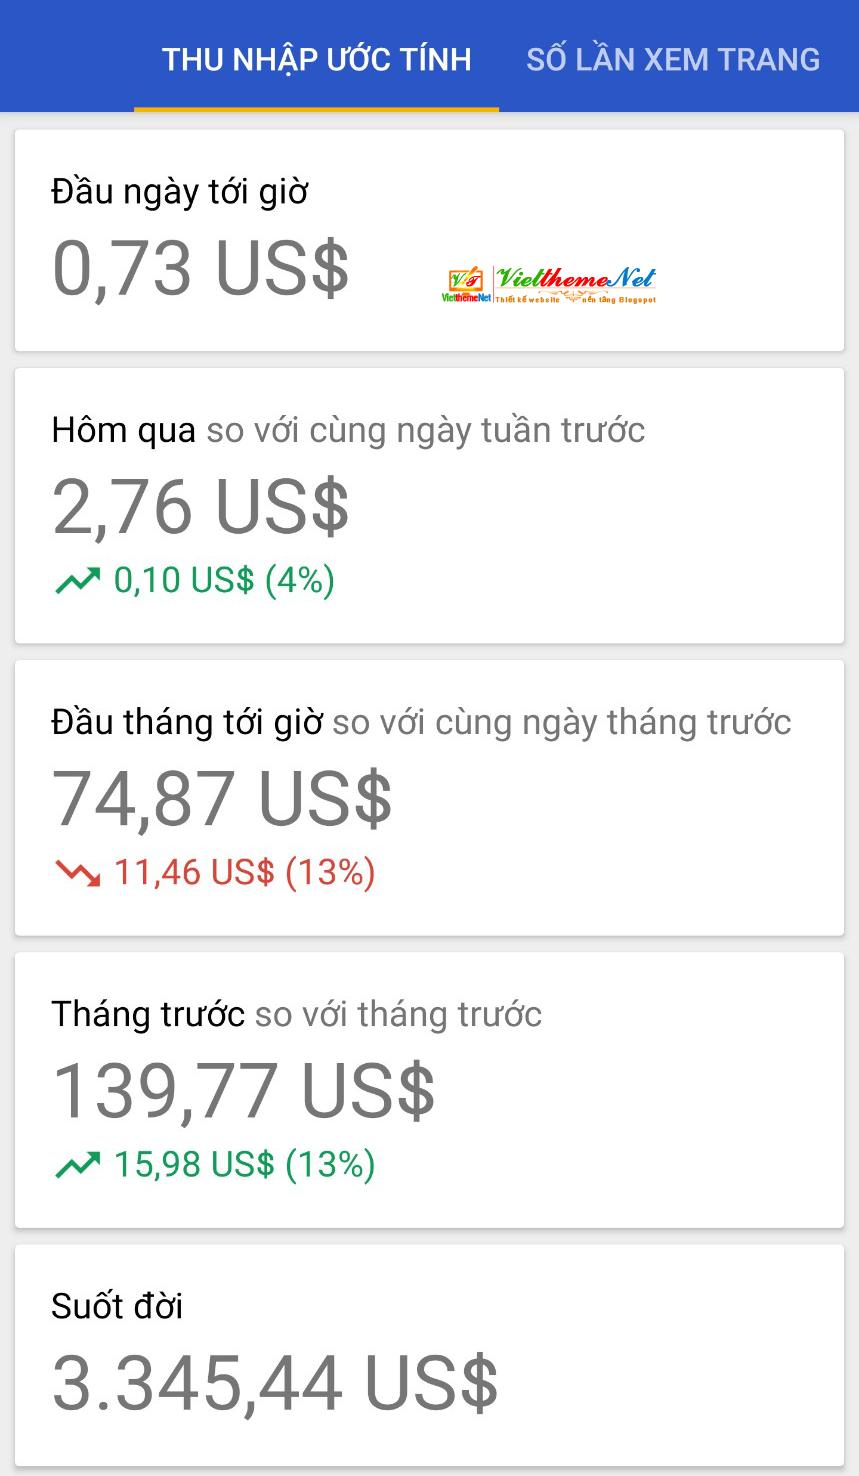 Hợp tác kiếm tiền bằng Google Adsense cho những ai đang sở hữu Website hay Blog